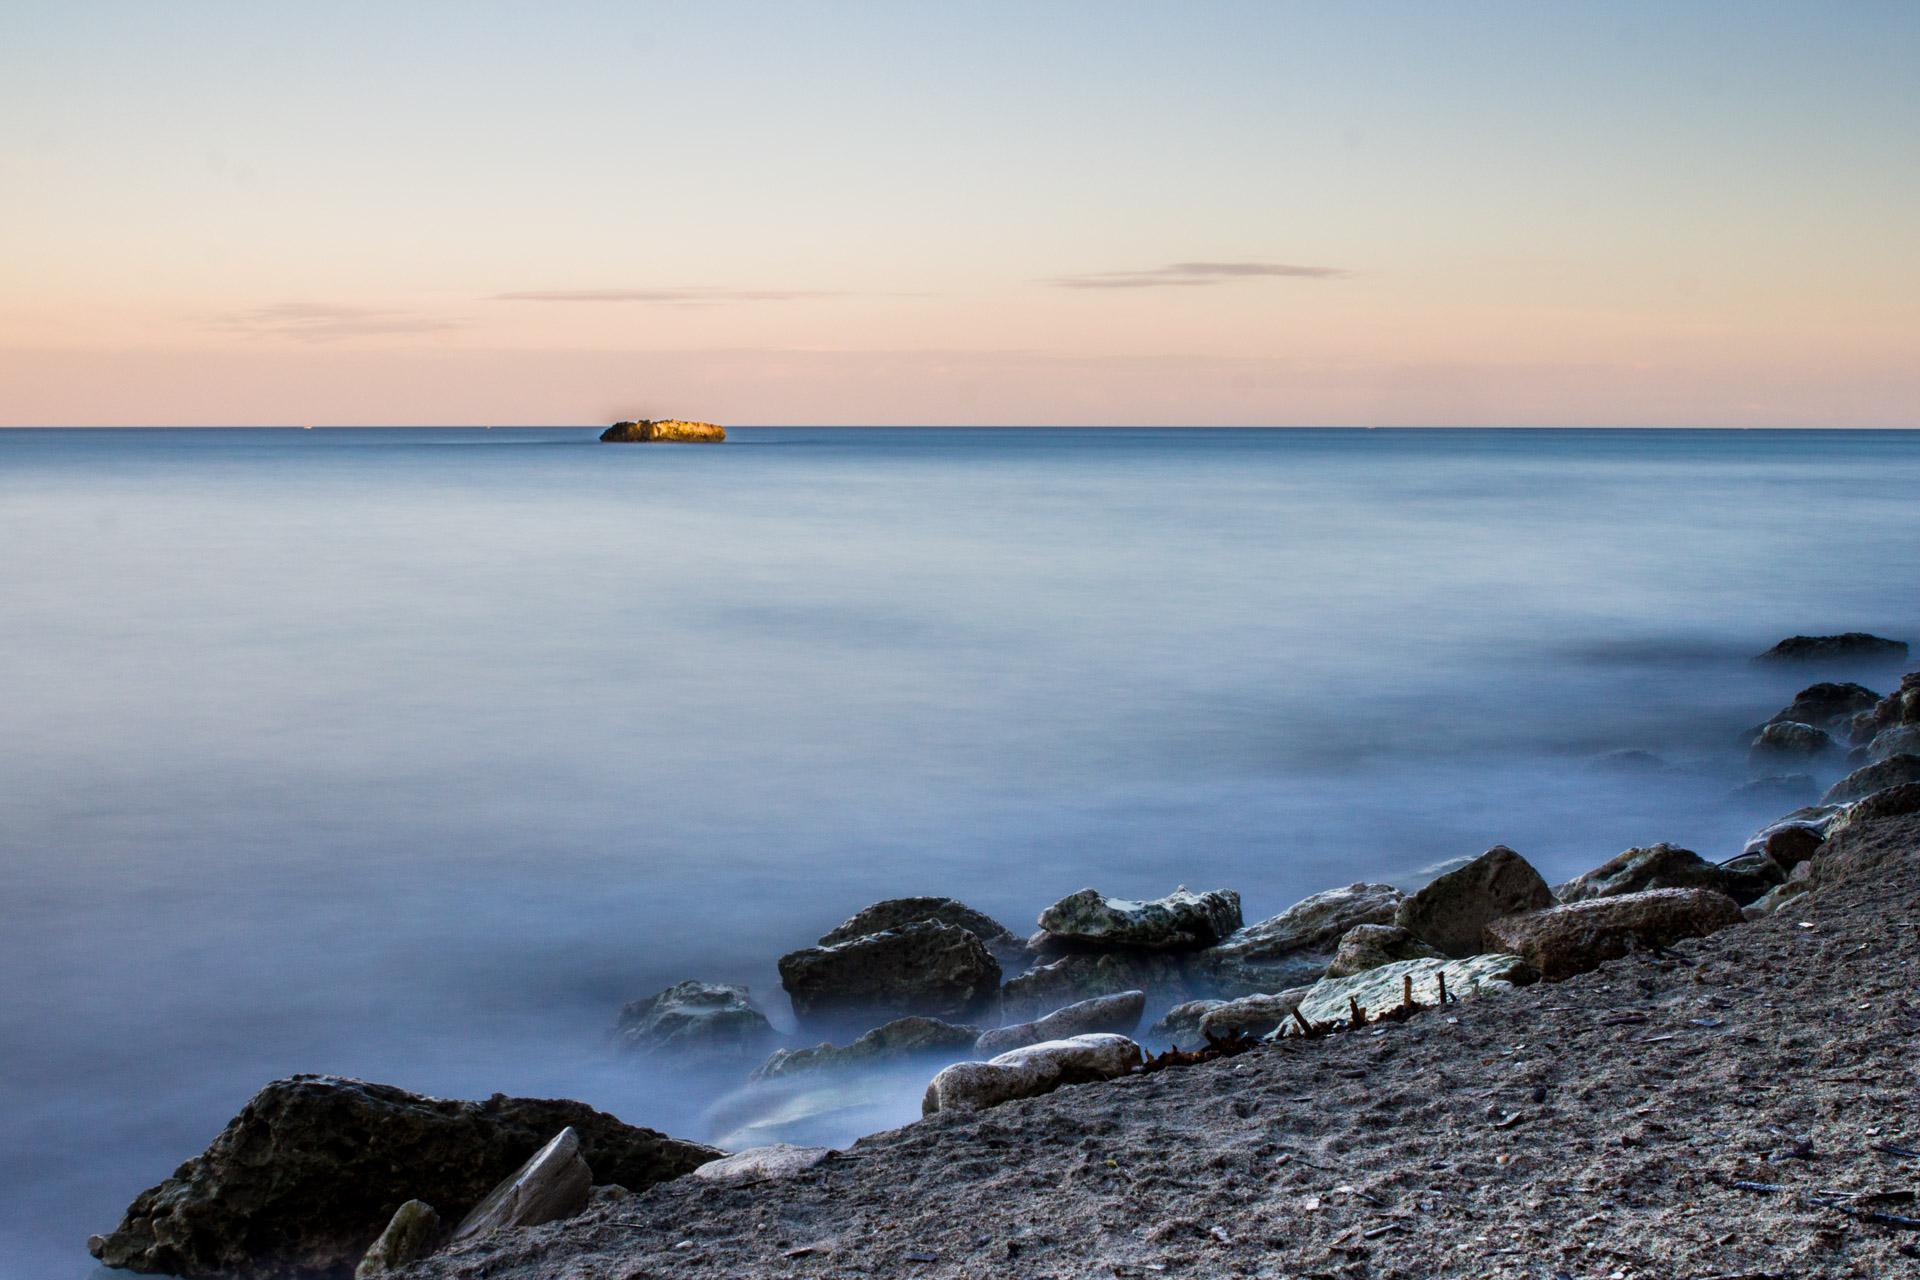 Il mare d'inverno al tramonto fotografato con la lunga esposizione